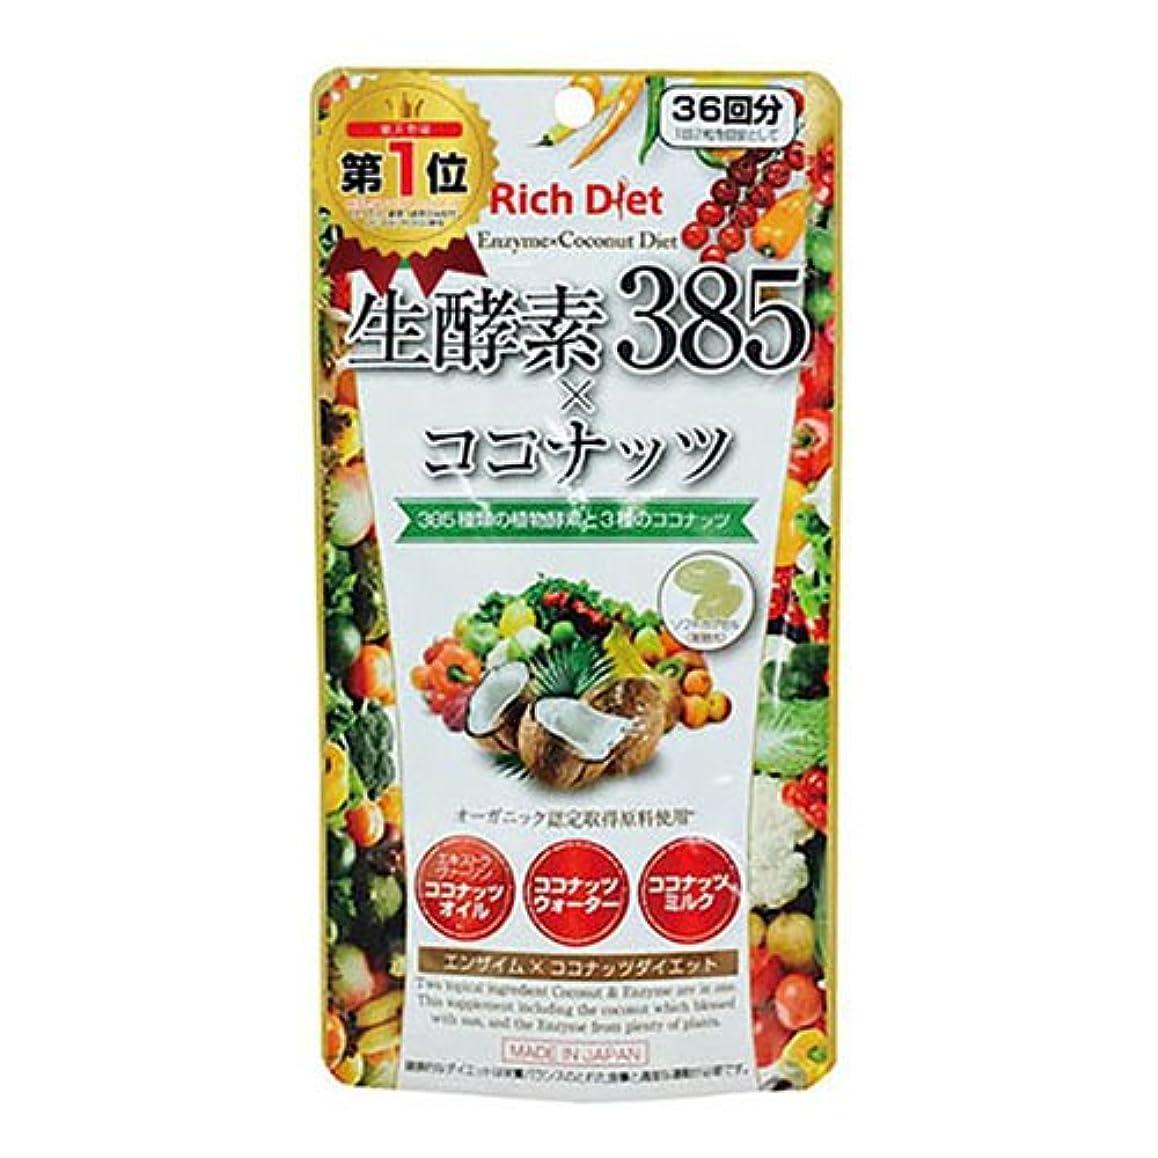 千太字ネコRich Diet 生酵素×ココナッツダイエット 72粒